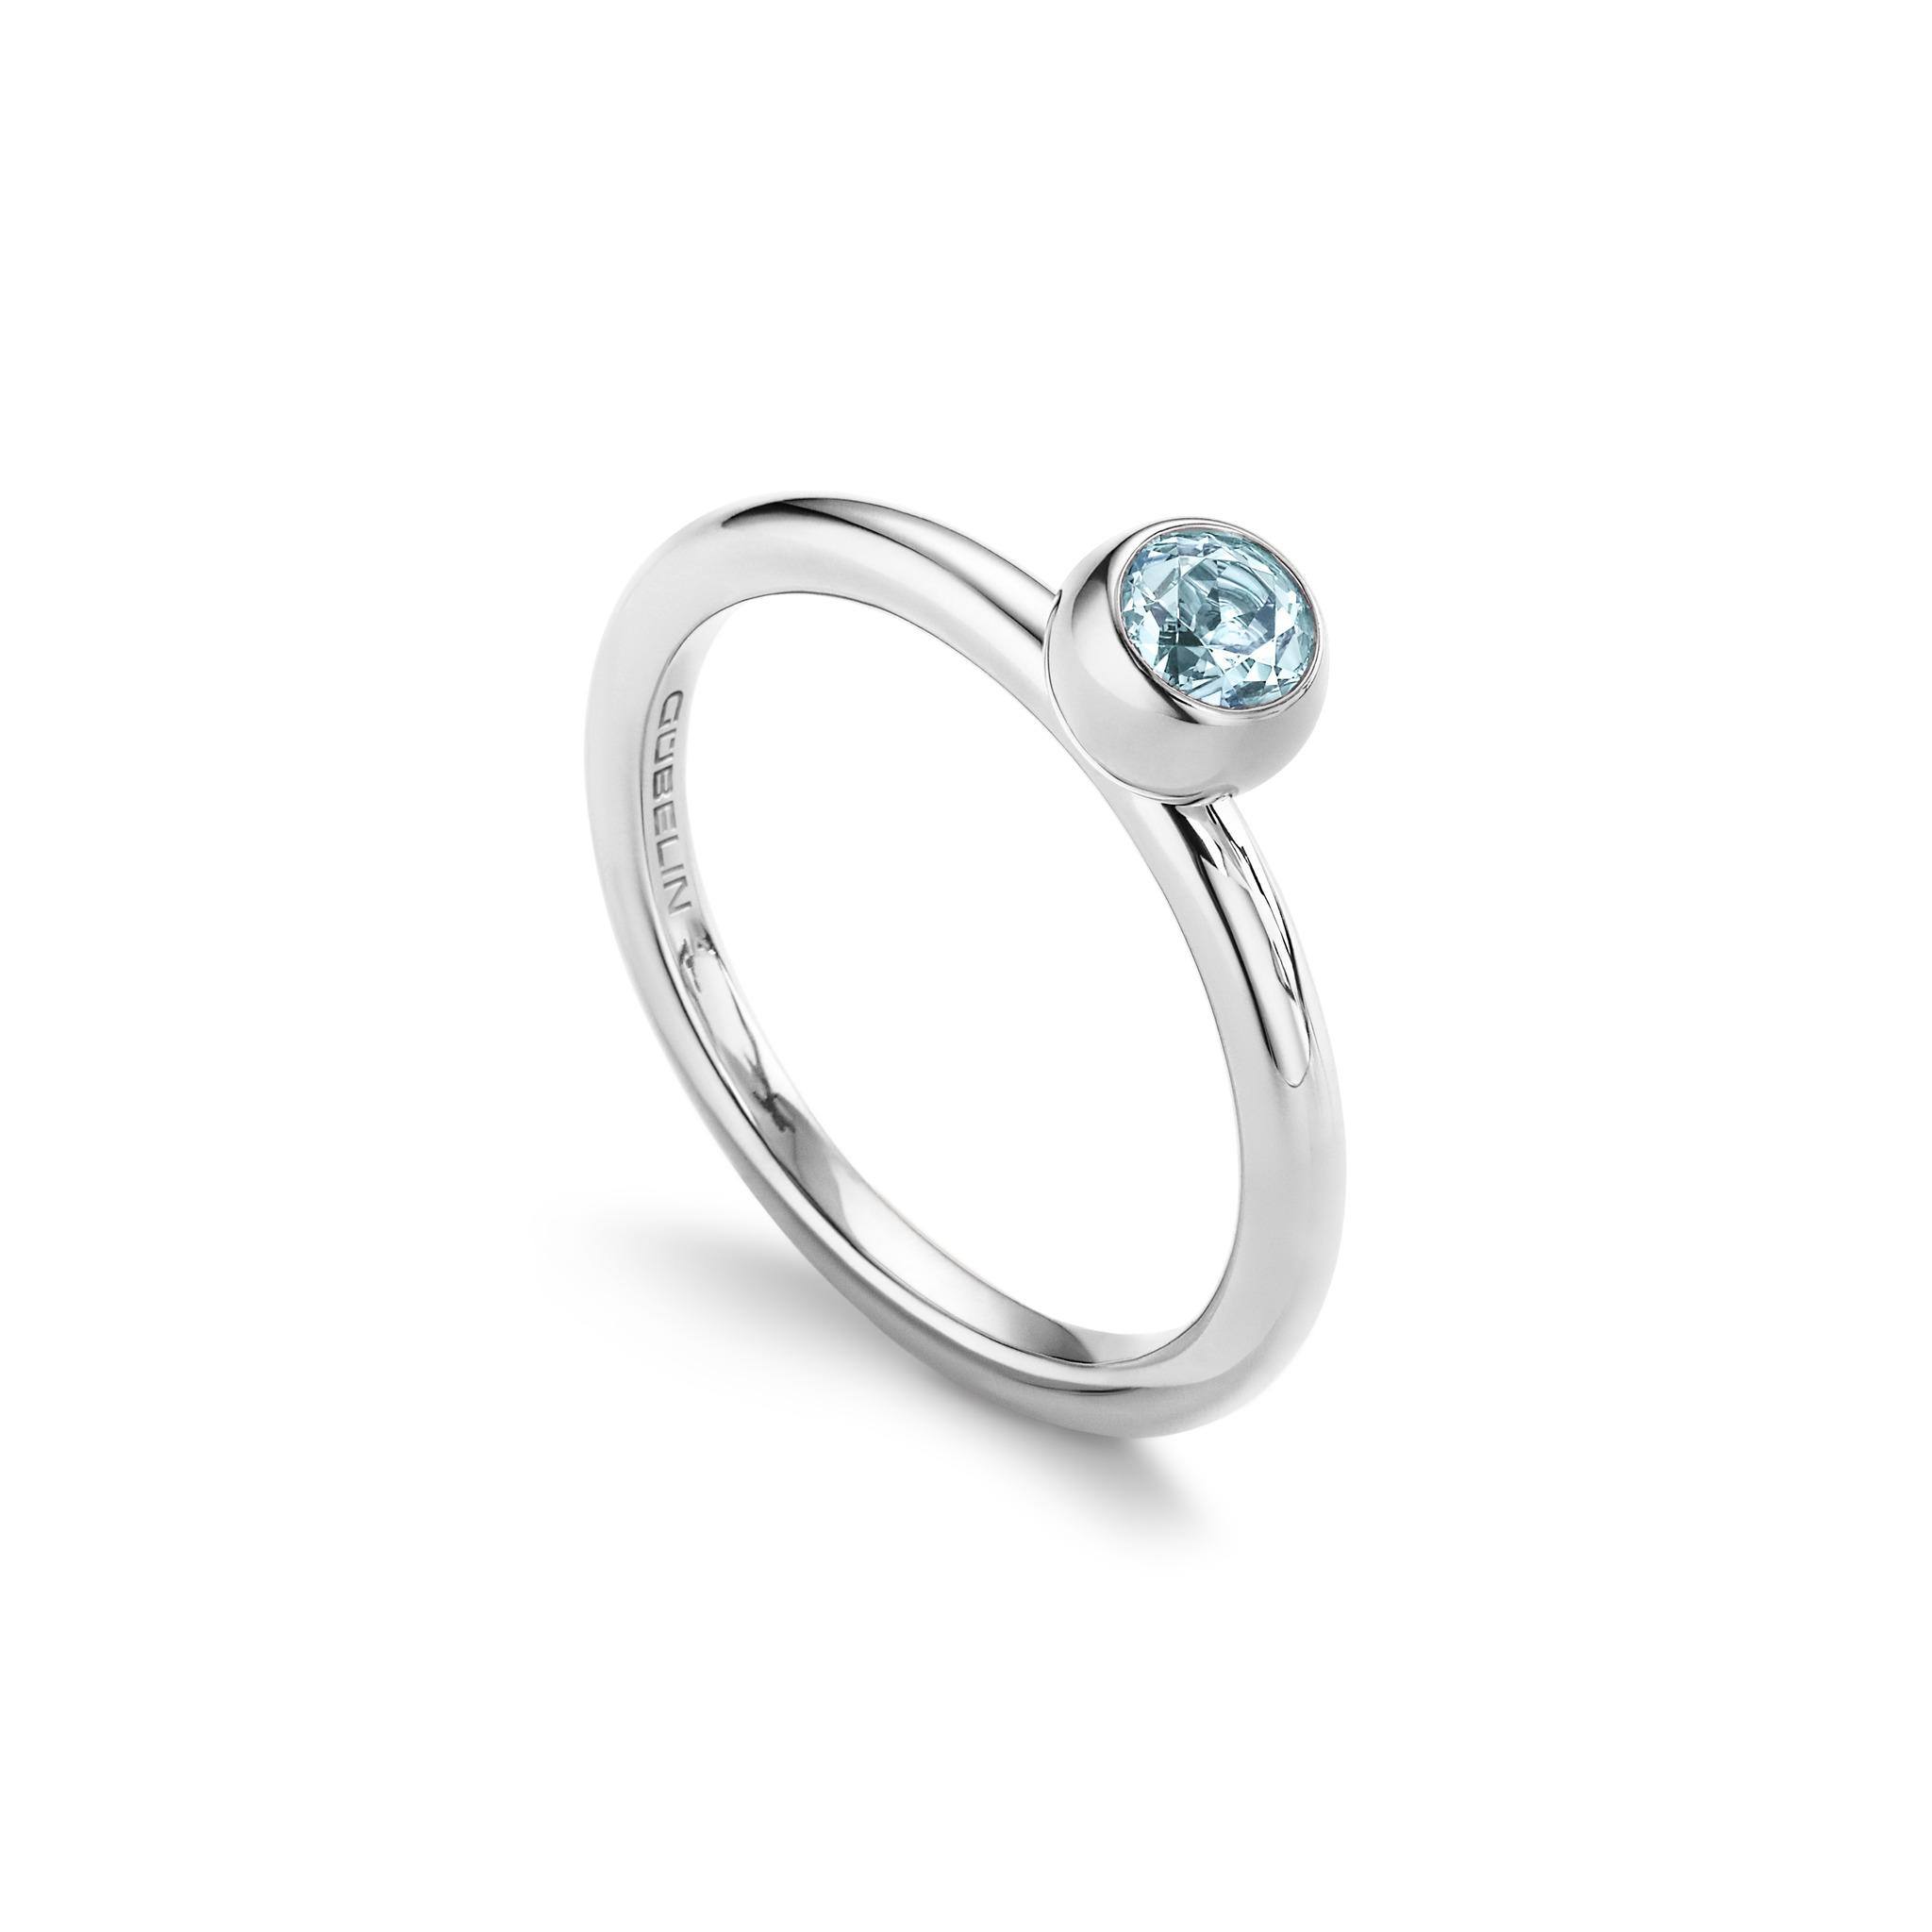 海蓝宝石戒指